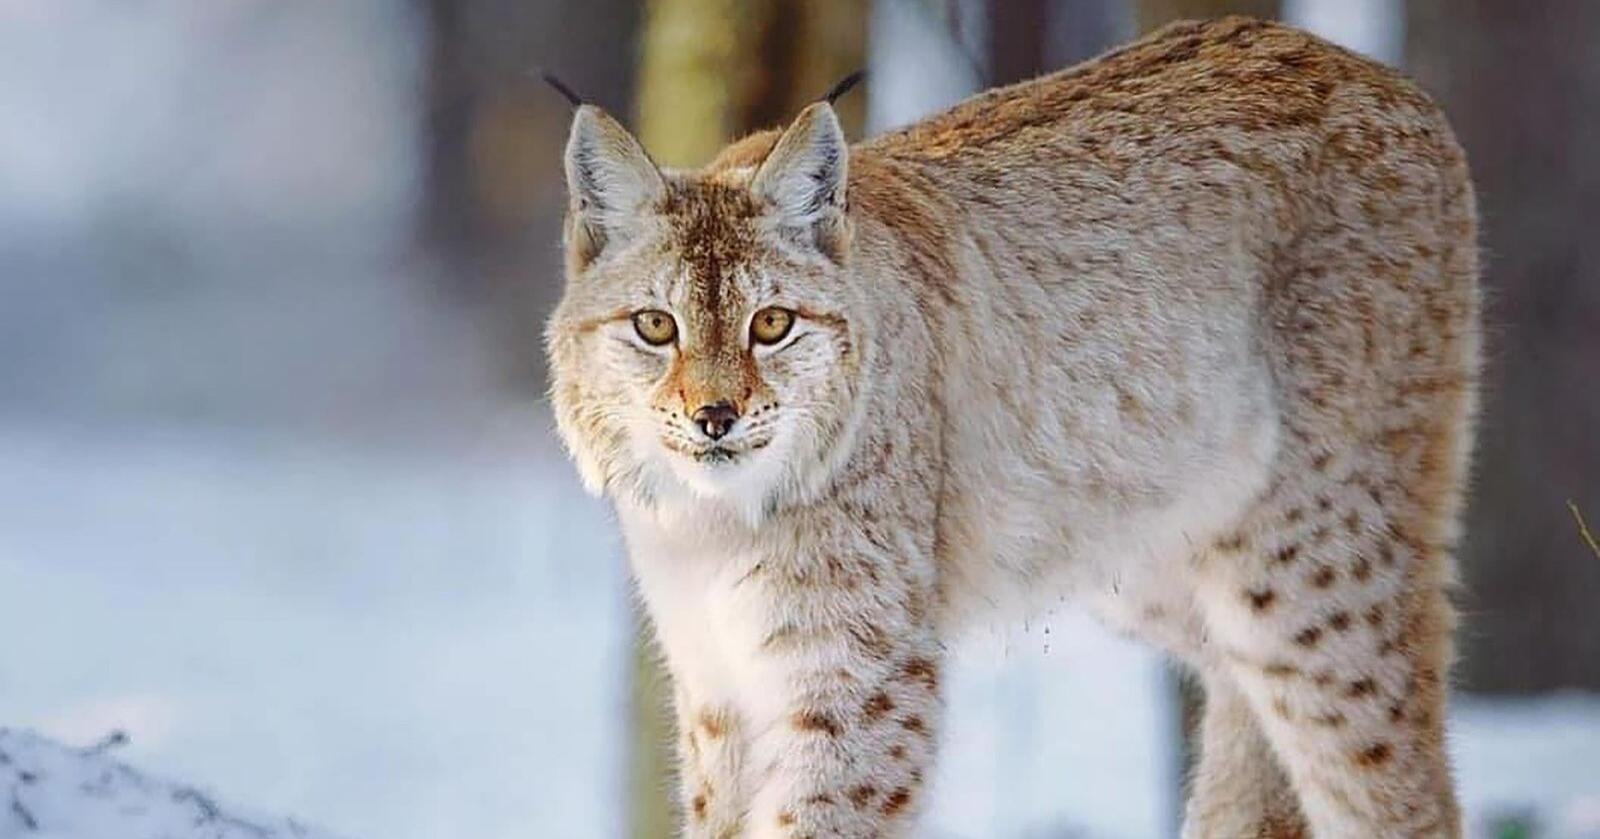 Gaupa er det eneste ville kattedyret i Norge. Arten er utbredt i skogstrakter over det meste av landet, men tettheten er størst på Østlandet og i Midt-Norge.Foto: Pixabay